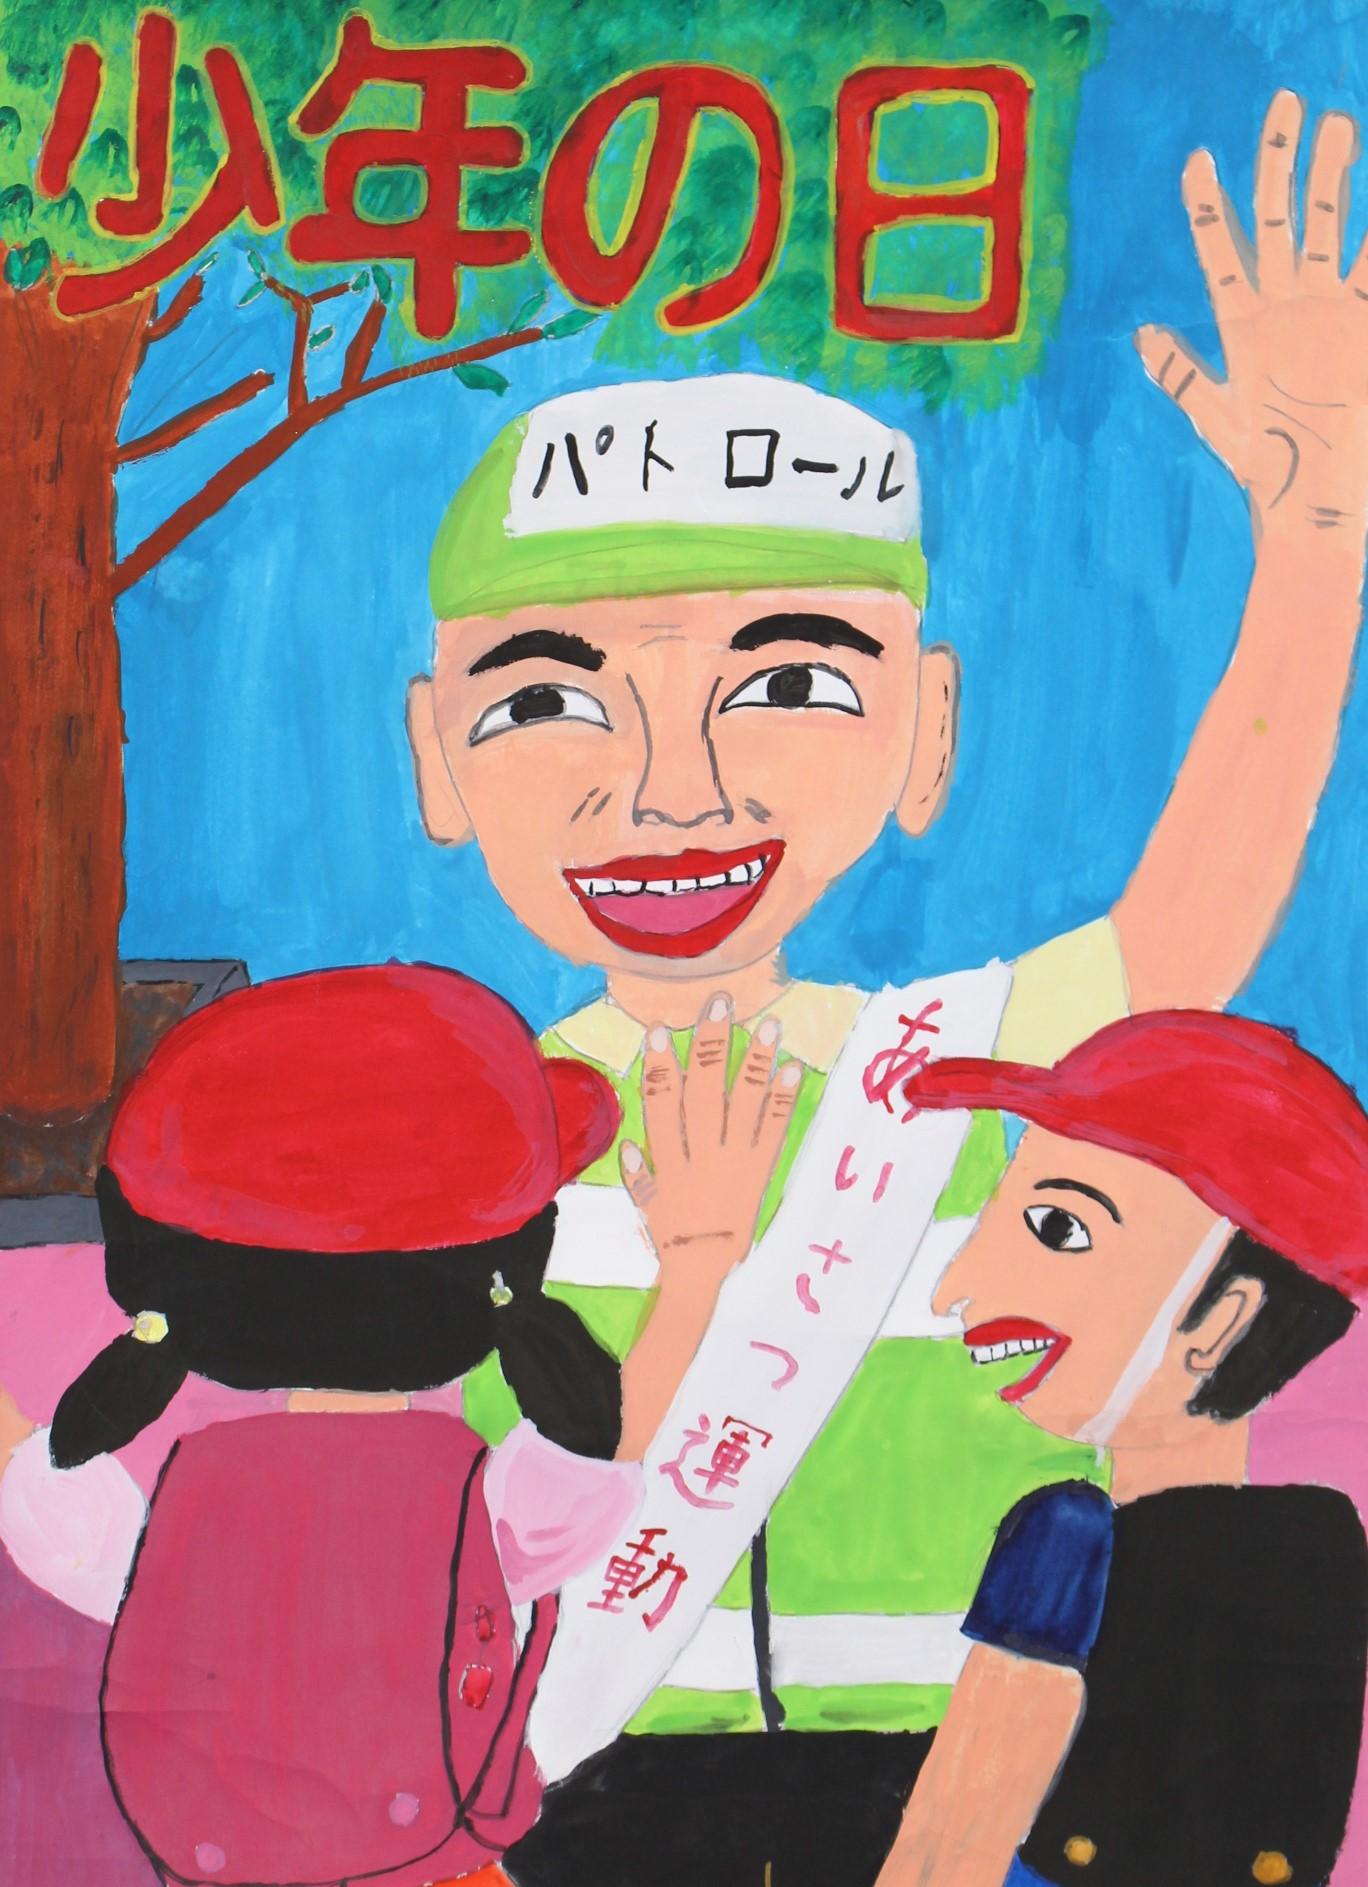 優良賞-宮崎市立加納小学校 6年 瀬戸口 麗(せとぐち うらら)さん